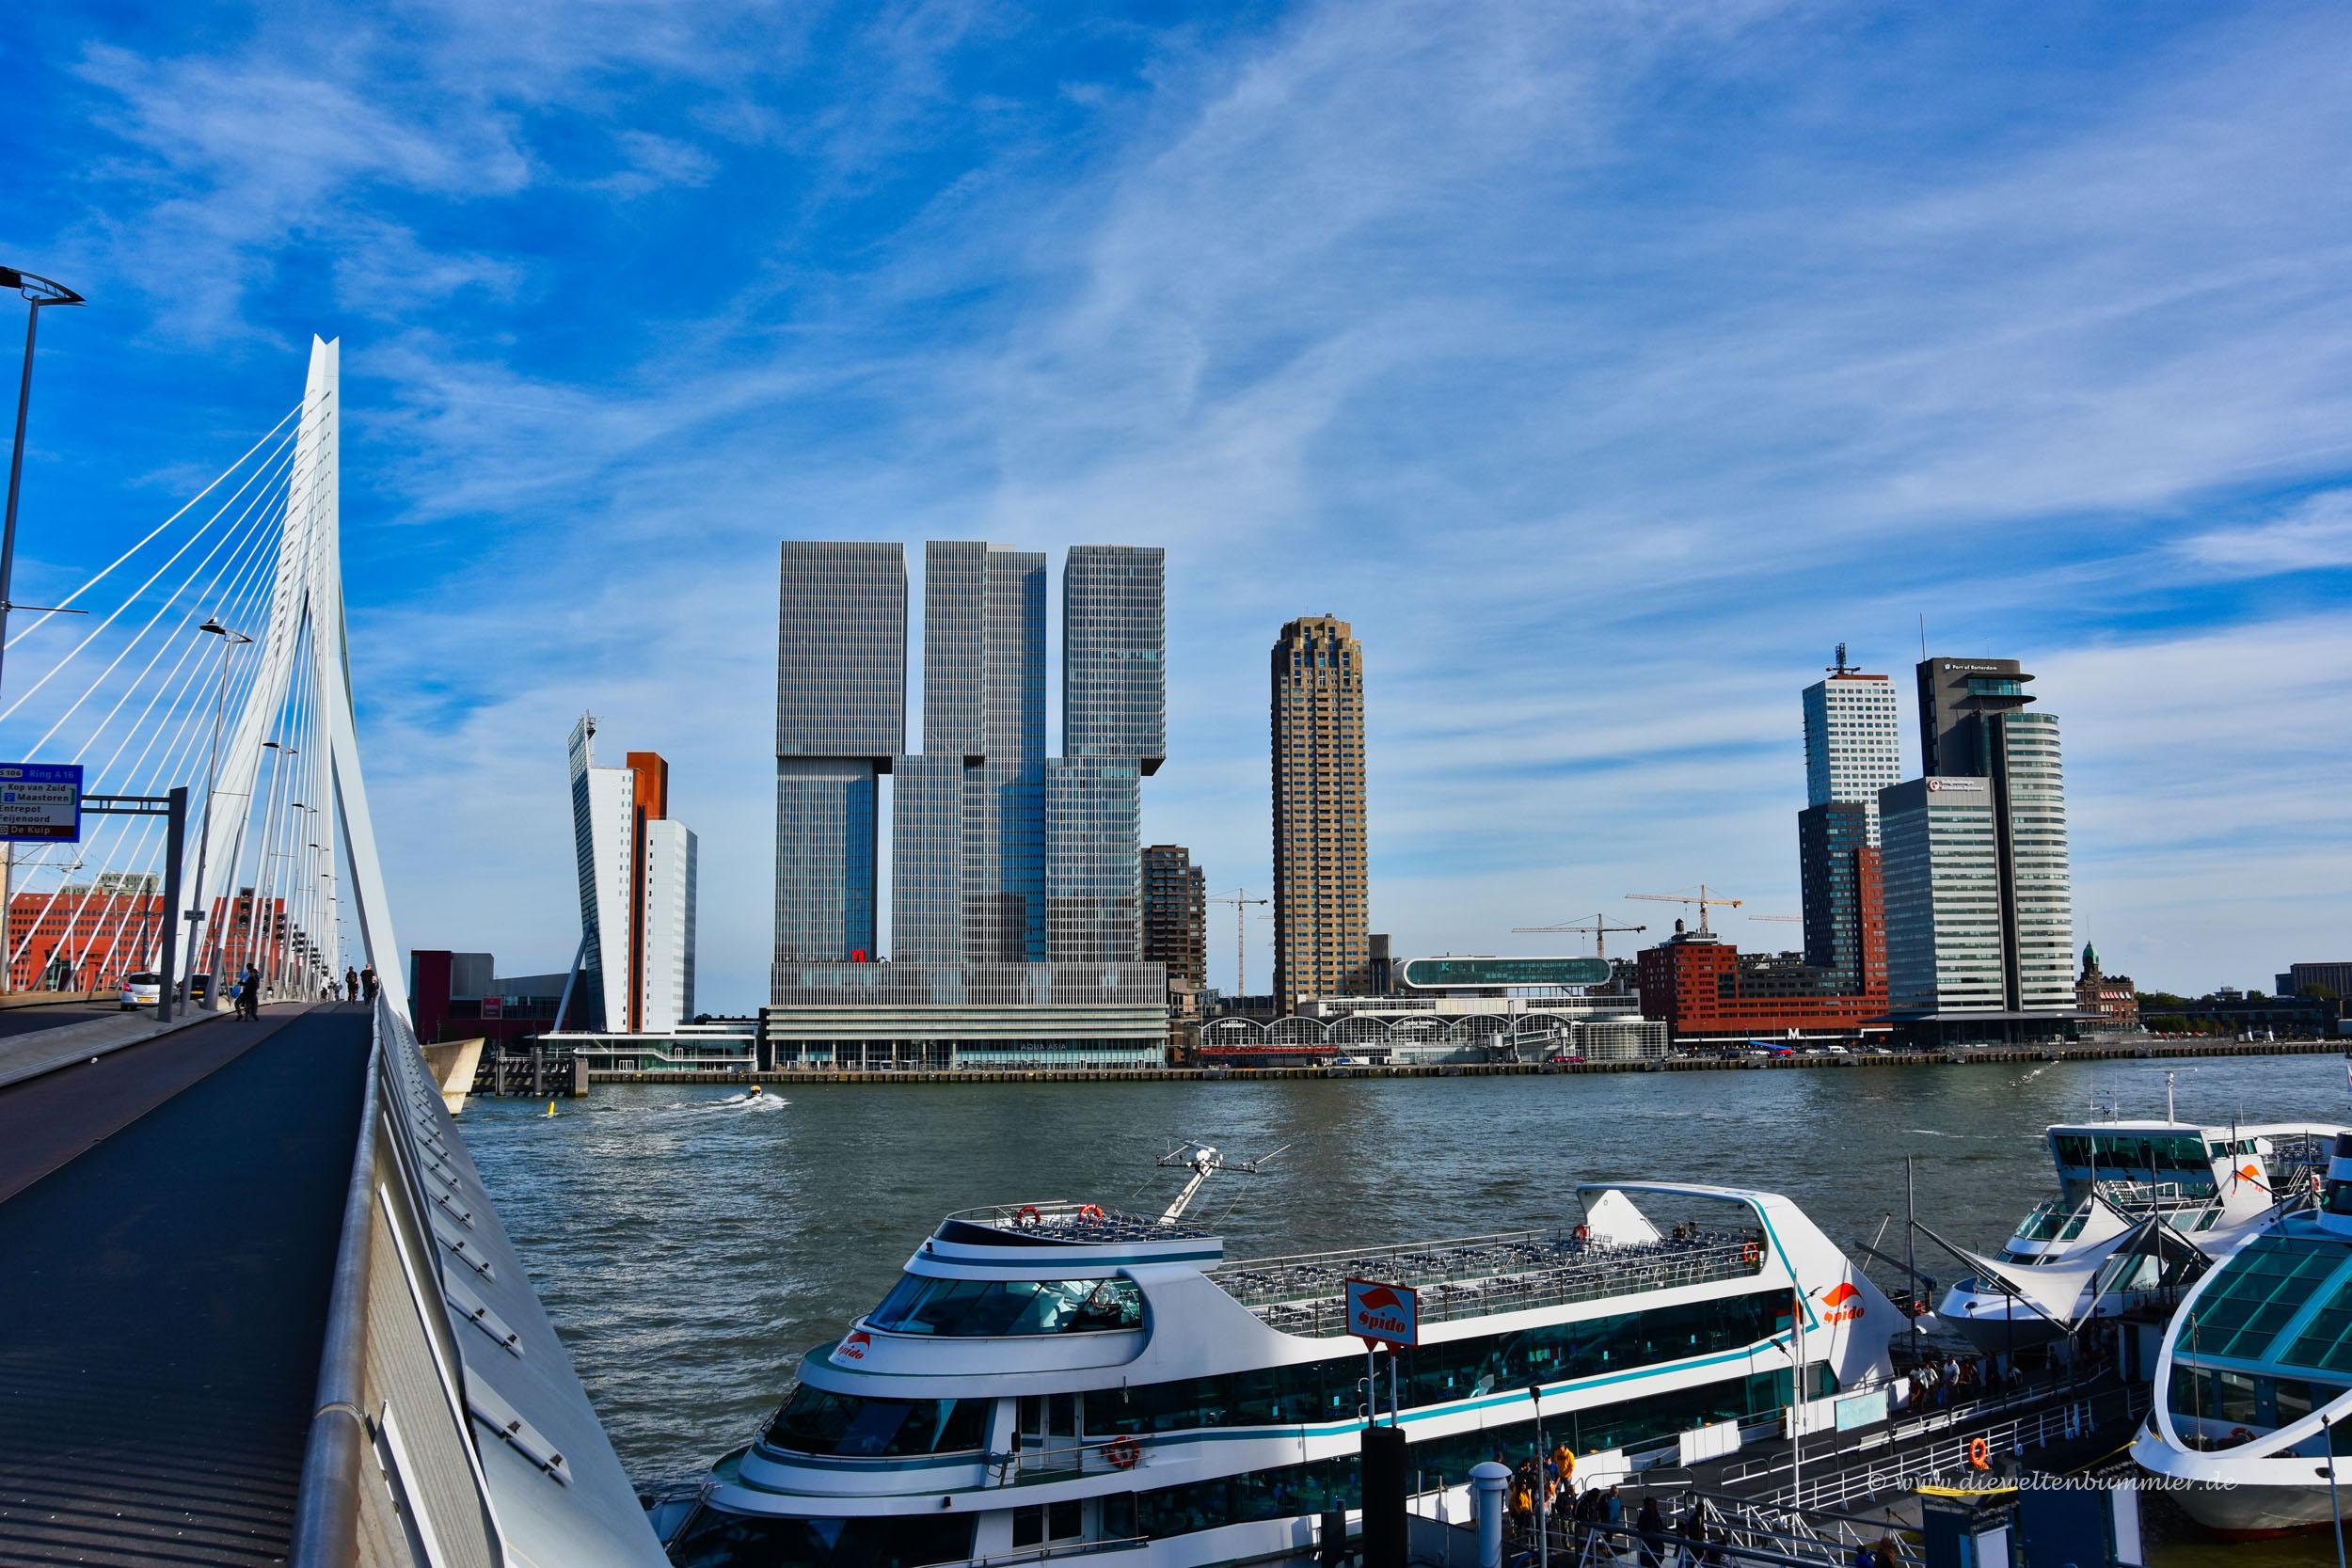 Am Hafen von Rotterdam